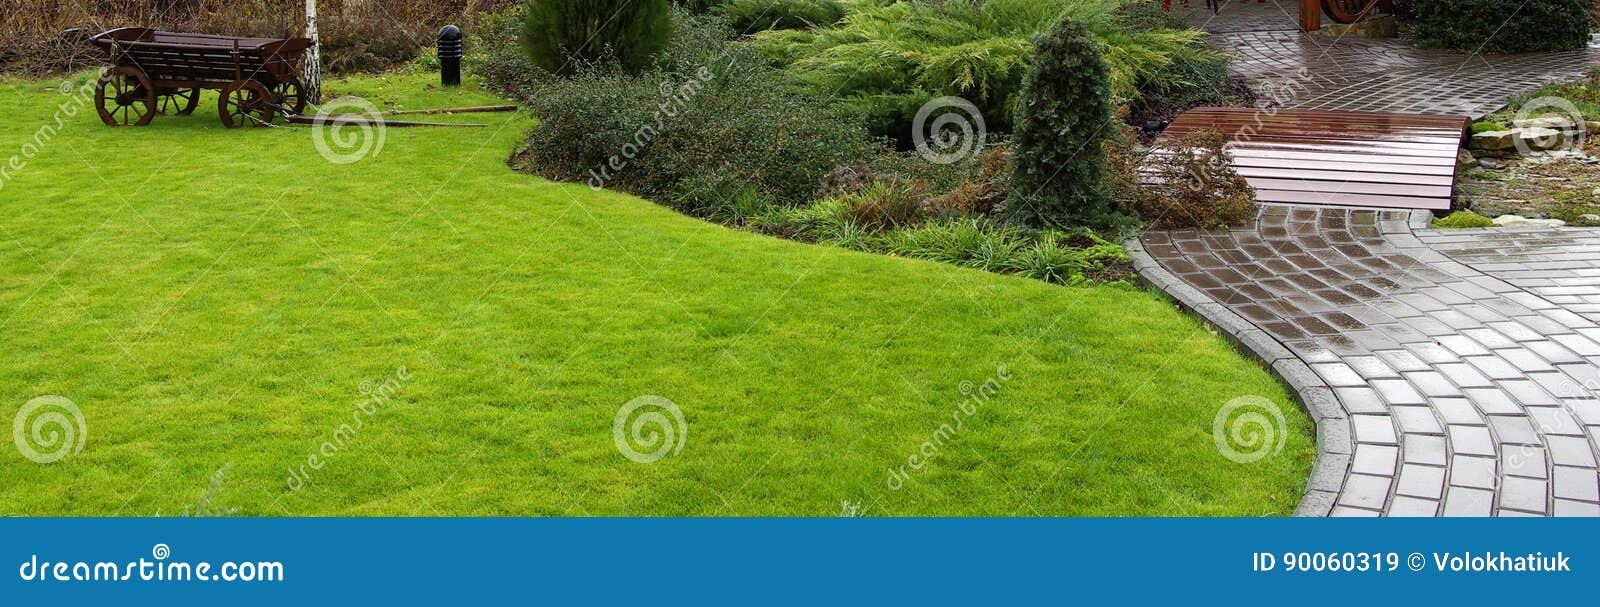 Путь сада с травой